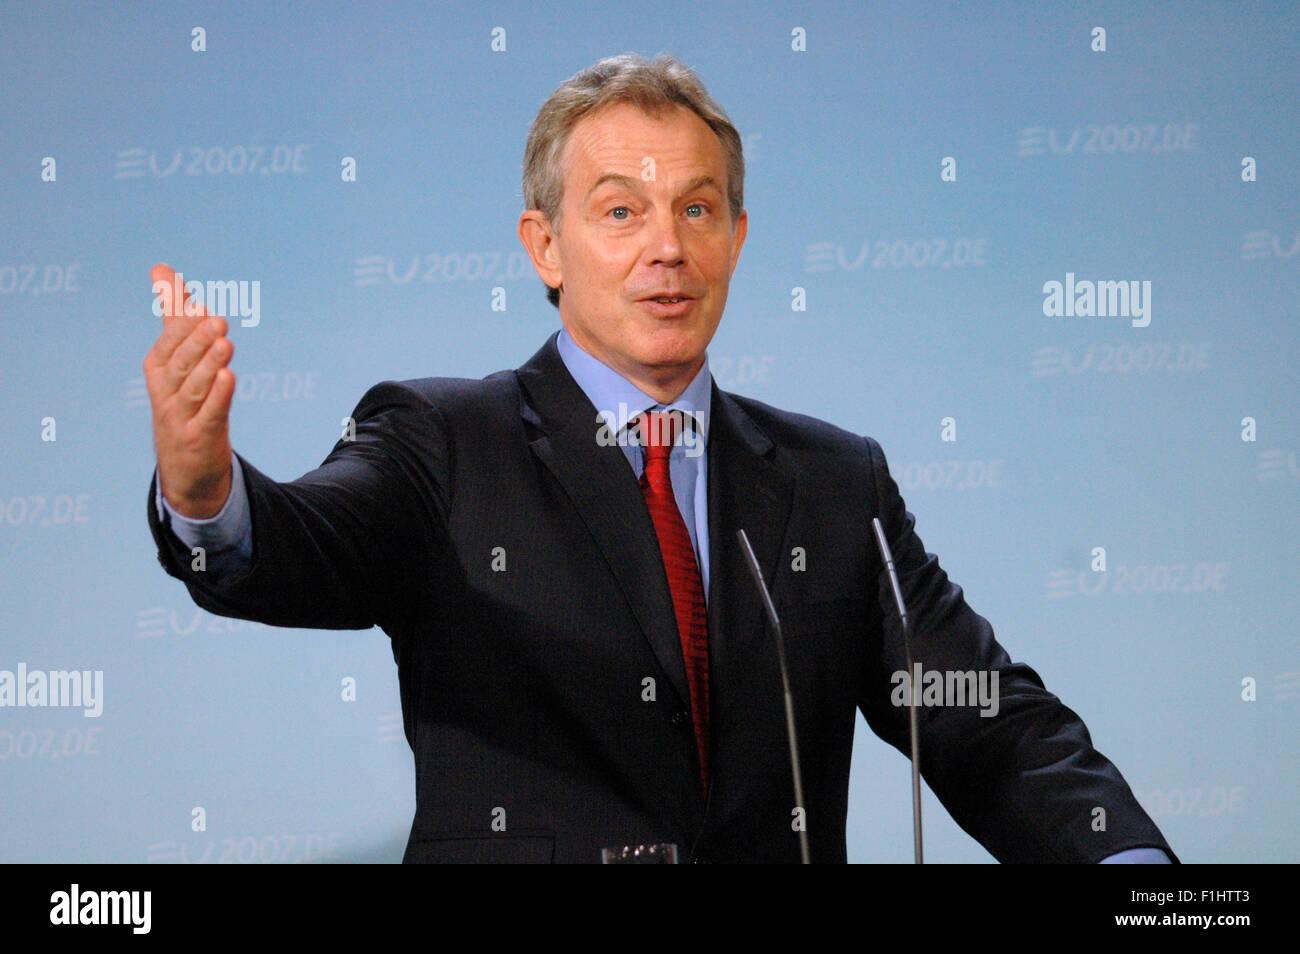 Tony Blair - Treffen der dt. Bundeskanzlerin mit dem britischen PM am 13. Februar 2007, Bundeskanzleramt, Berlin - Stock Image